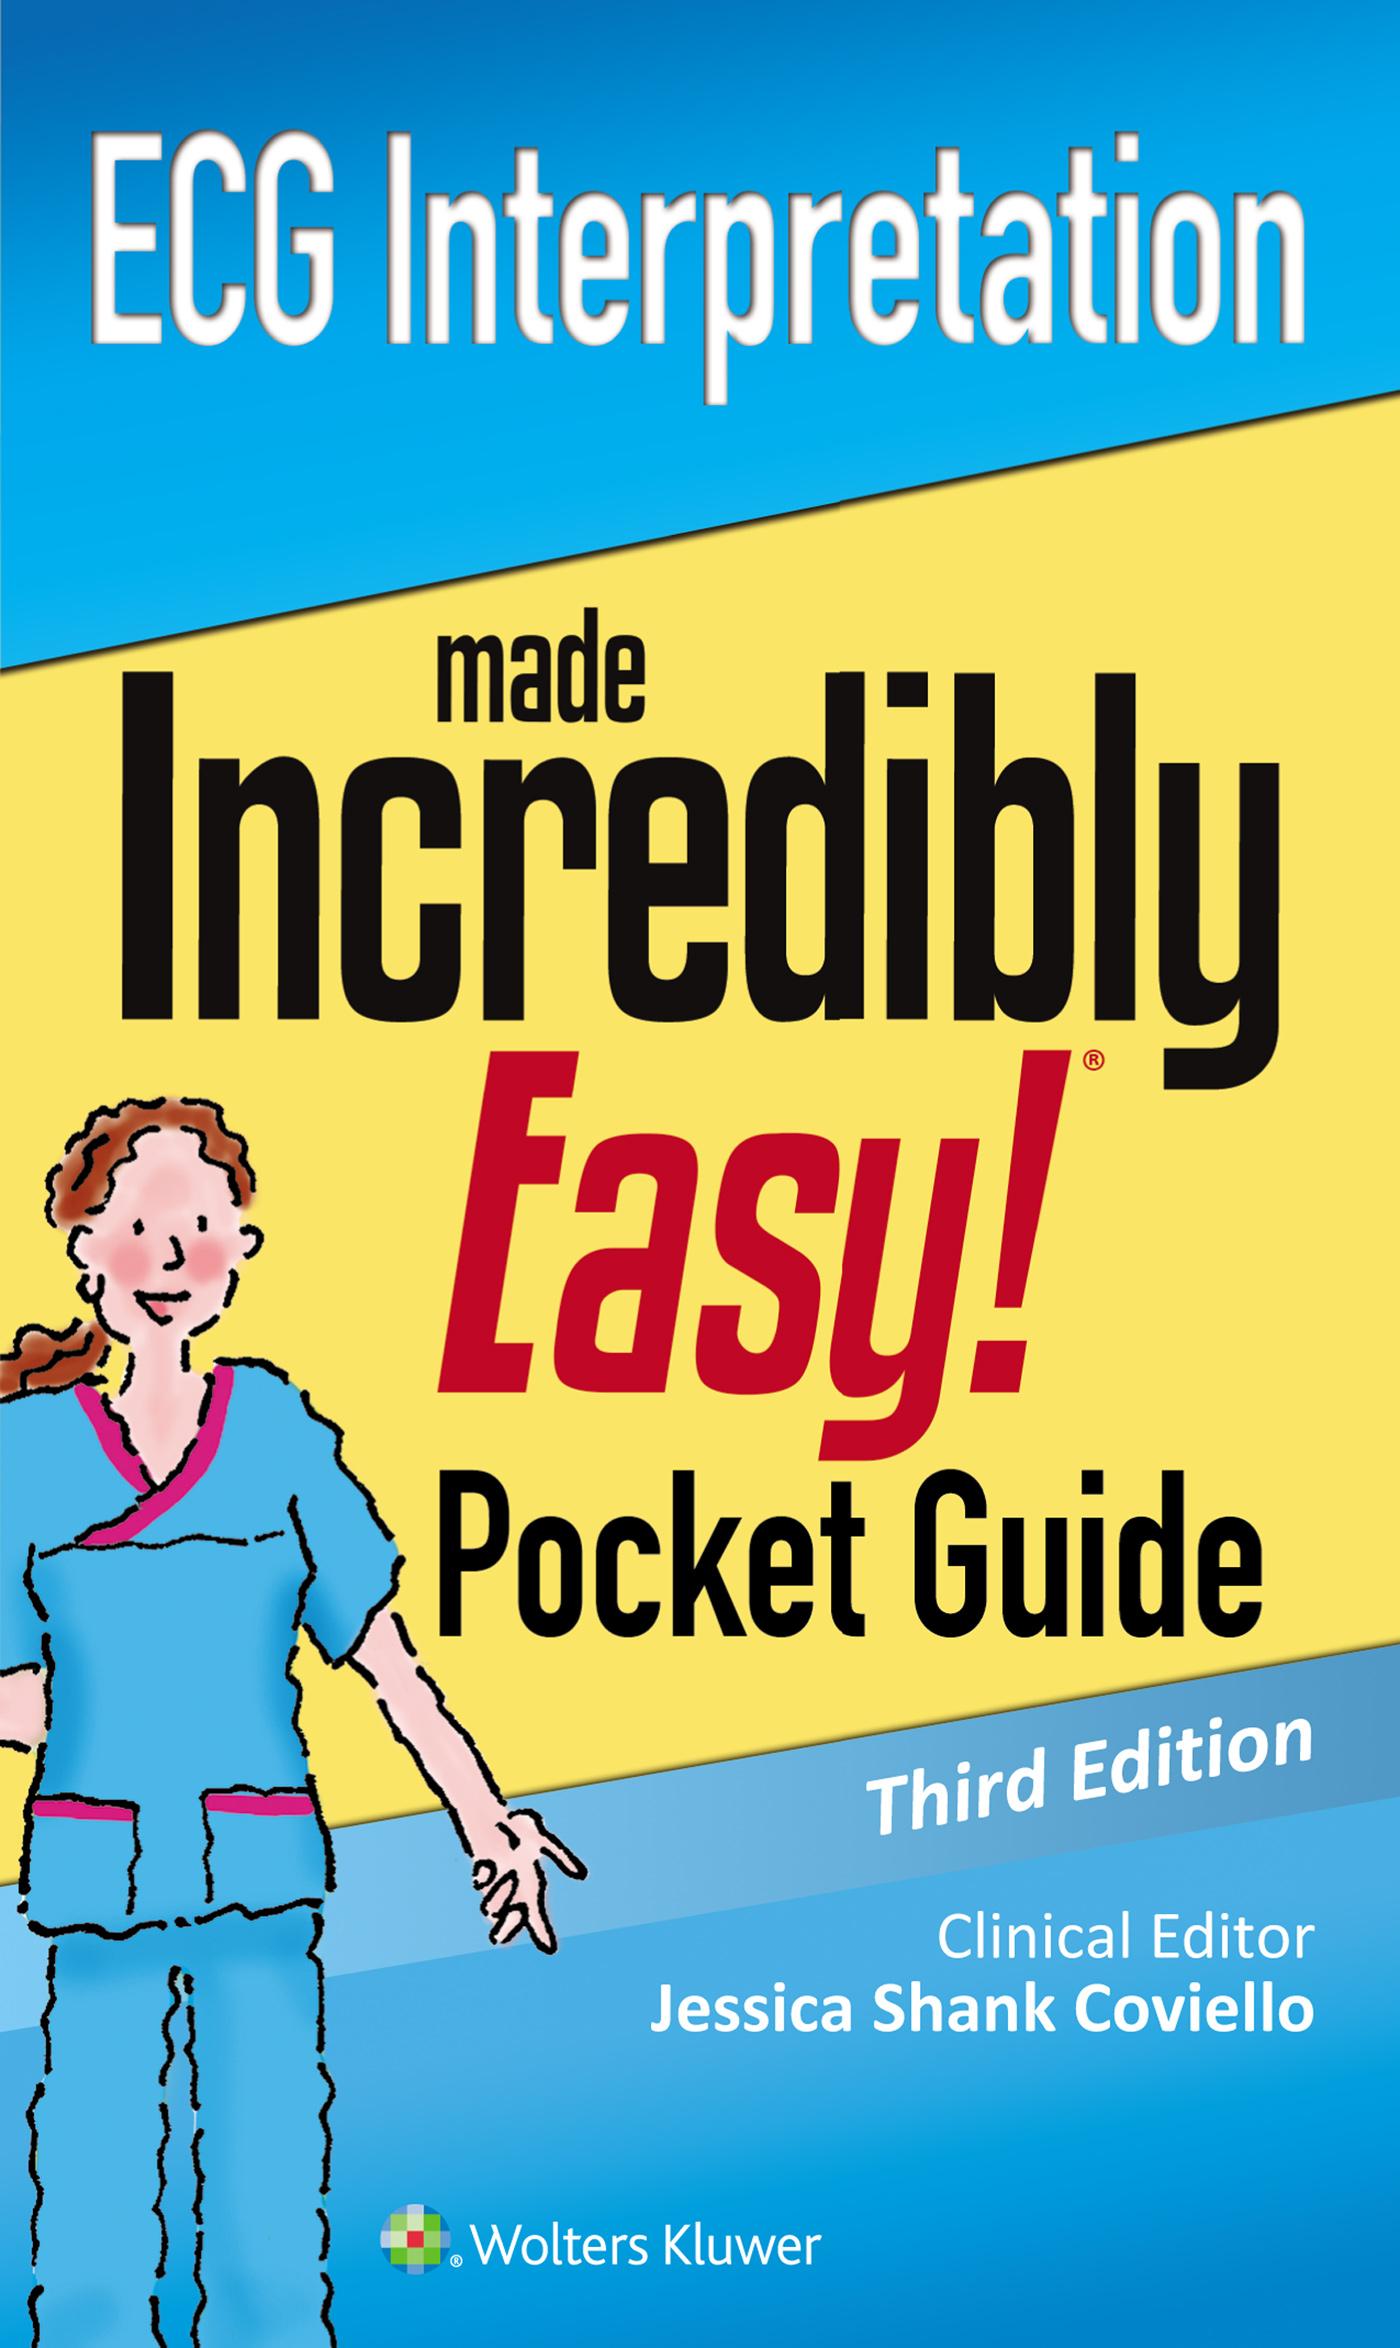 ECG Interpretation: An Incredibly Easy Pocket Guide